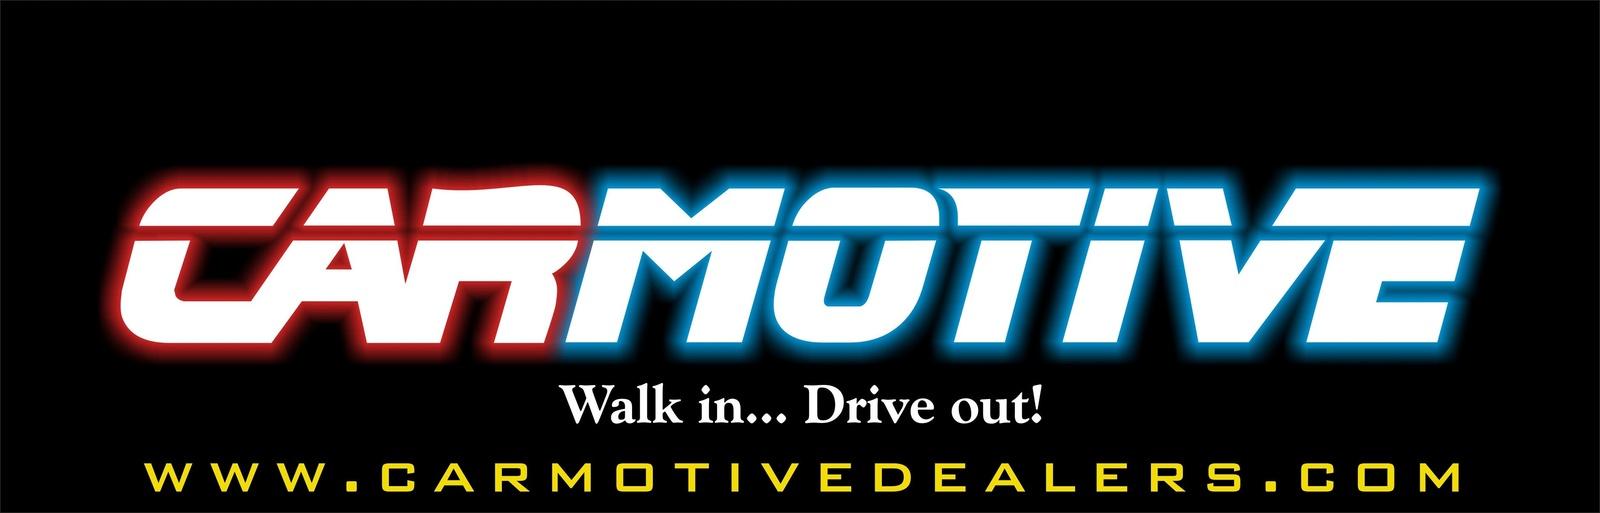 Used Car Dealership In Austin Mn